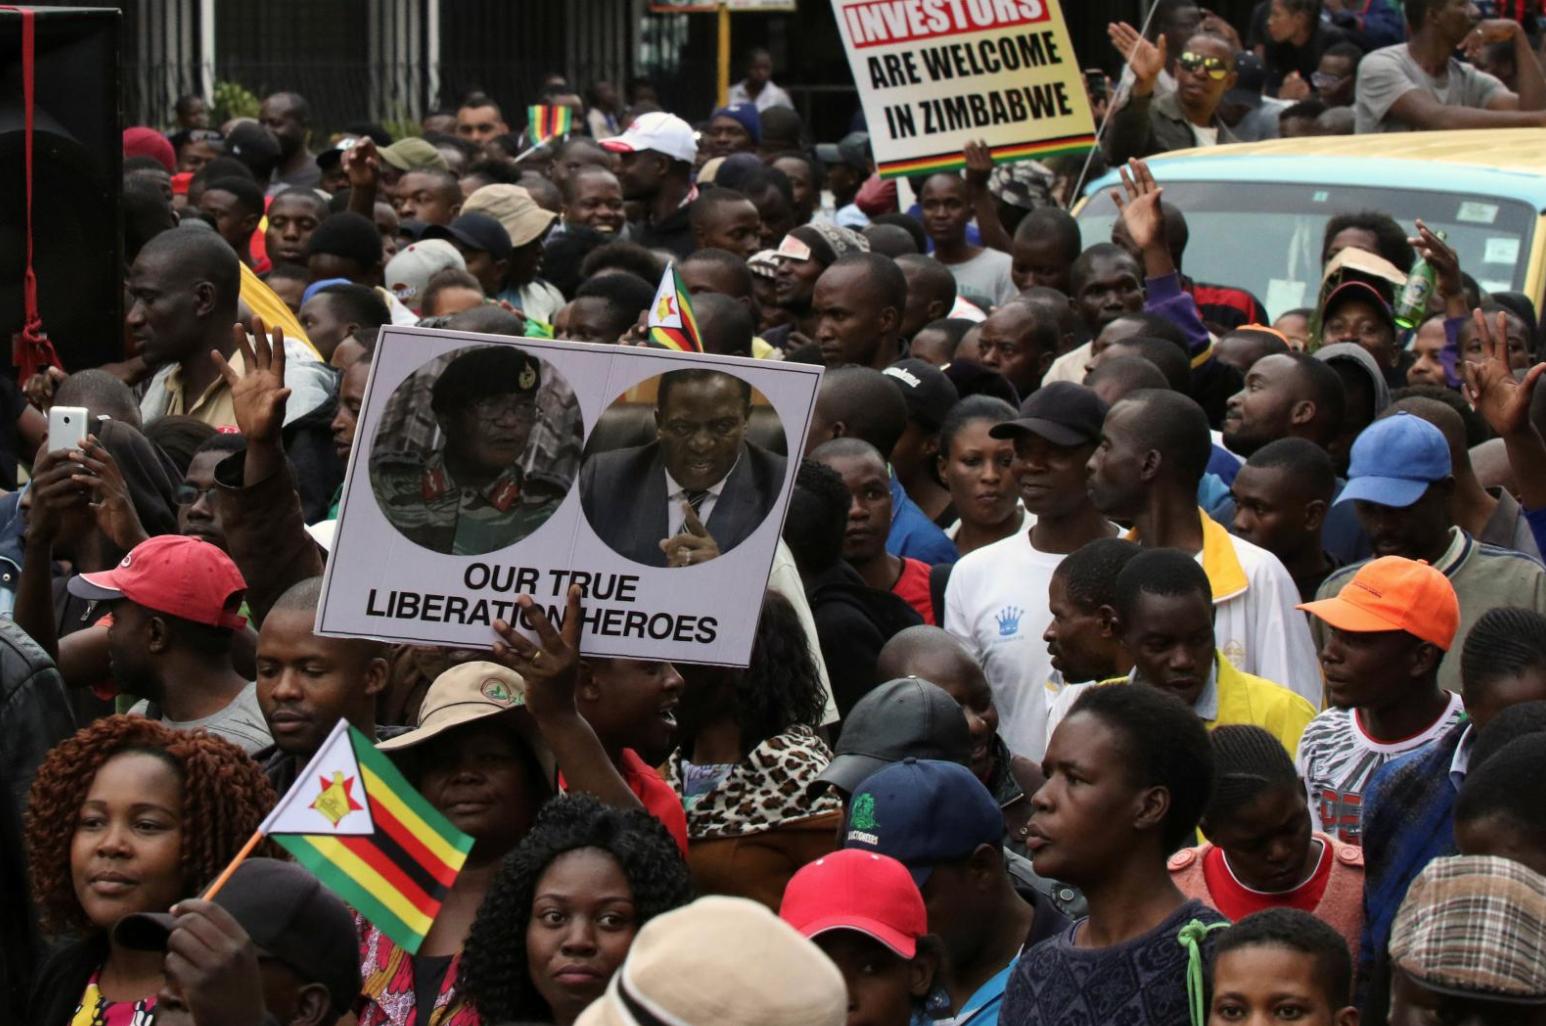 محتجون يطالبون بتنحي رئيس زيمبابوي روبرت موجابي في هاراري يوم السبت